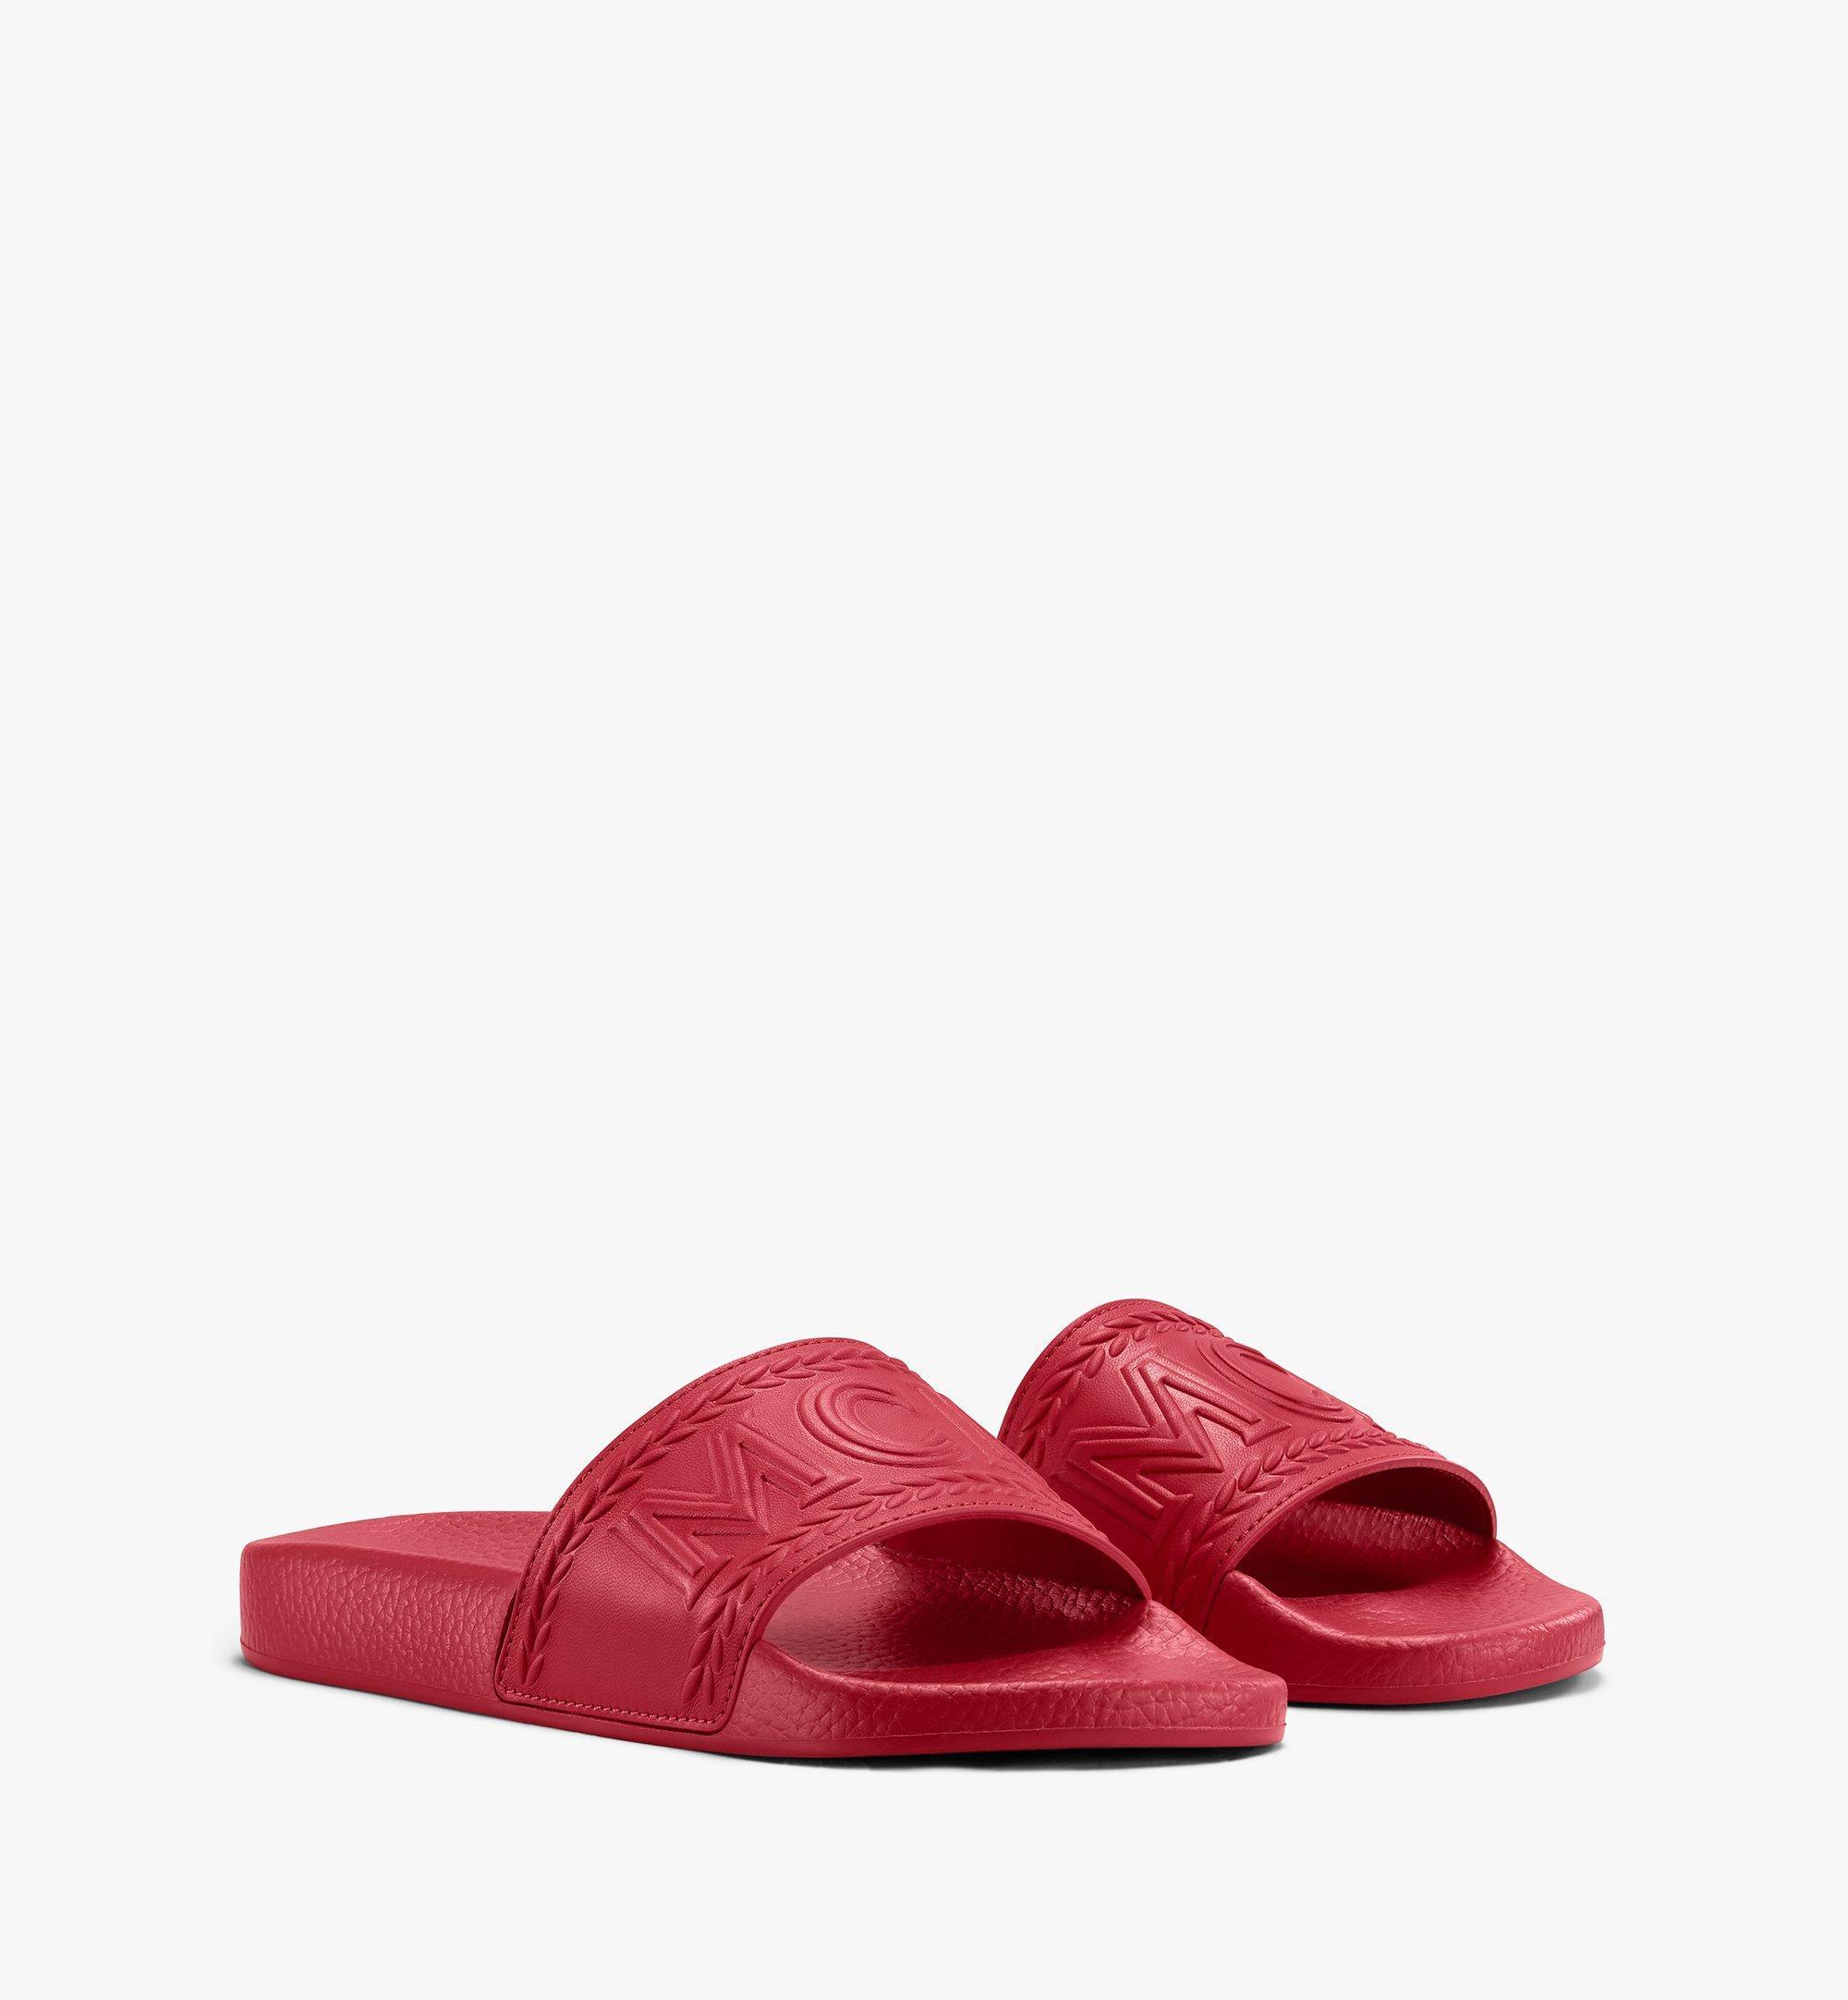 MCM Slides mit Big Logo für Damen Red MESASMM24R4035 Noch mehr sehen 1